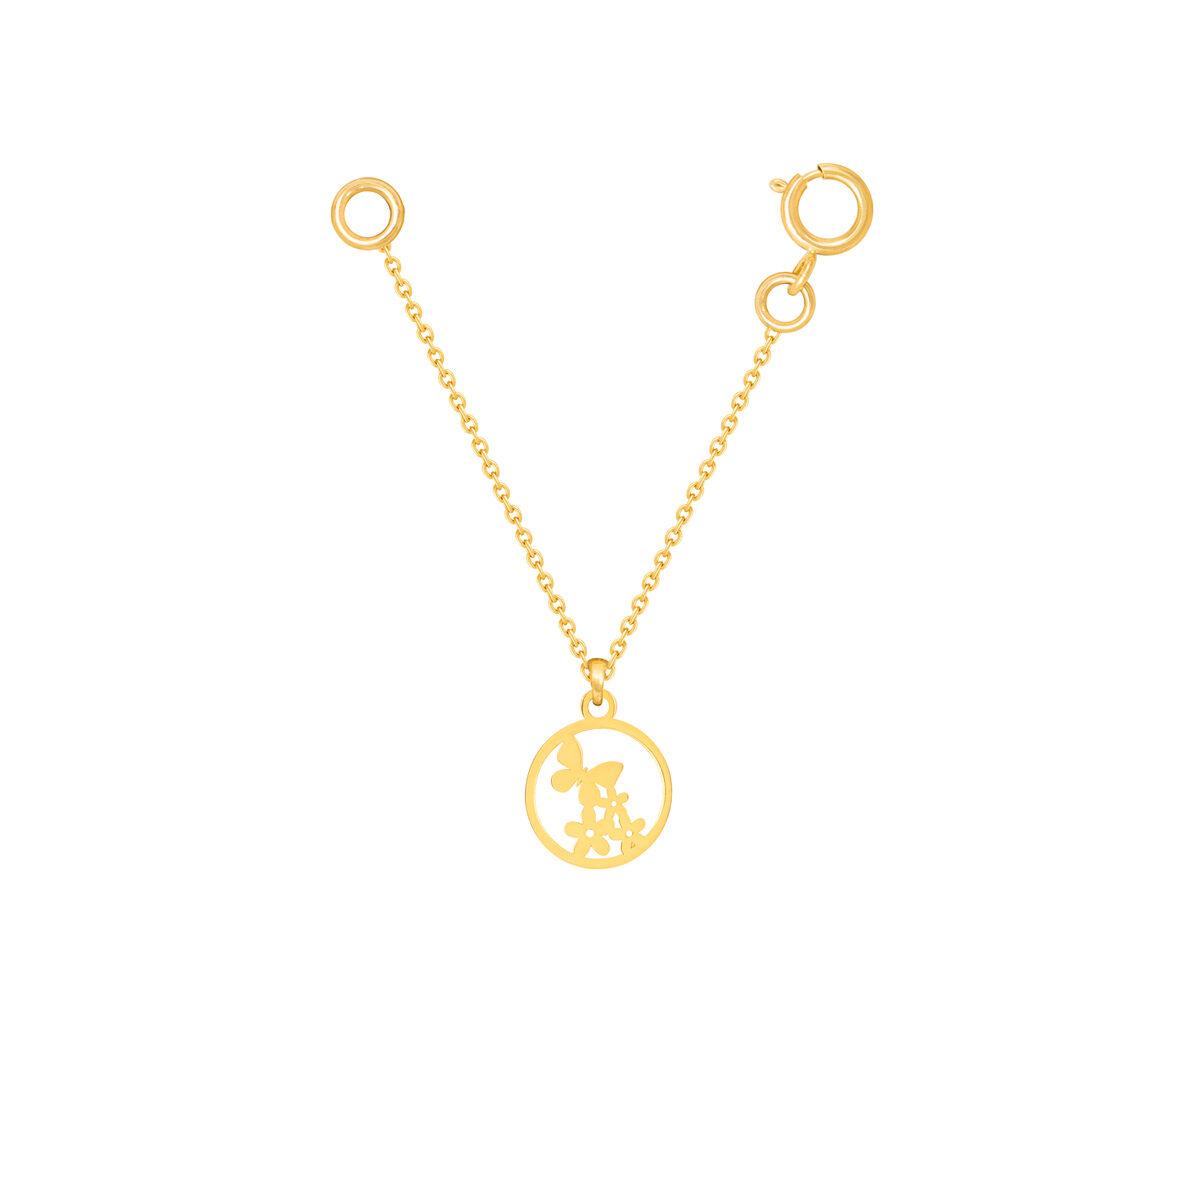 آویز ساعت طلا پروانه و گل